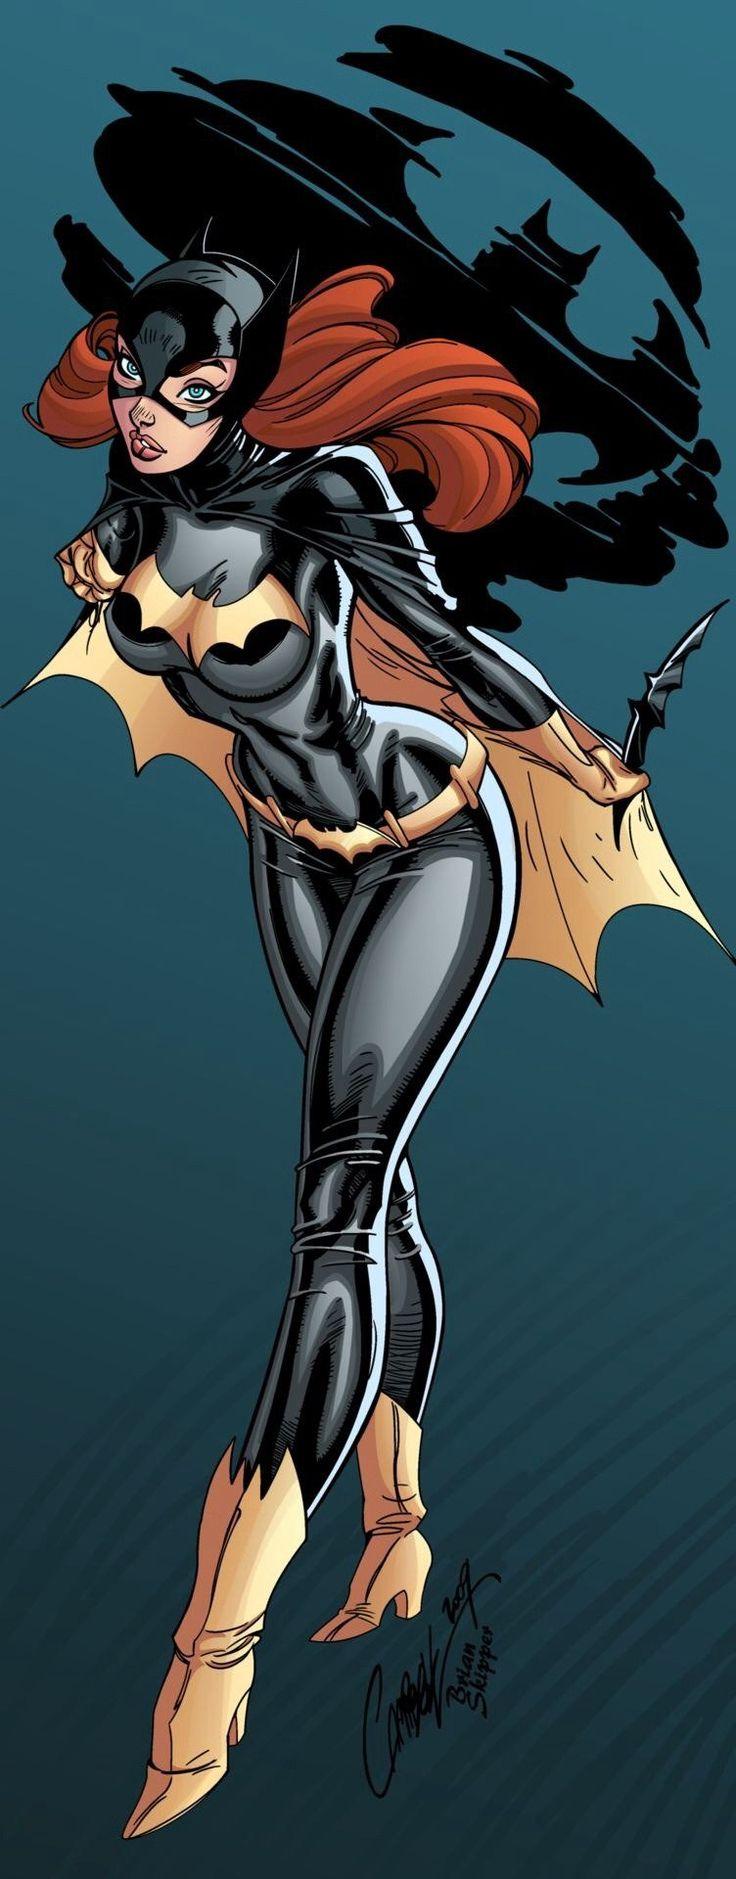 Hermosas ilustraciones de la hermosa Batgirl (Batman)                                                                                                                                                                                 More